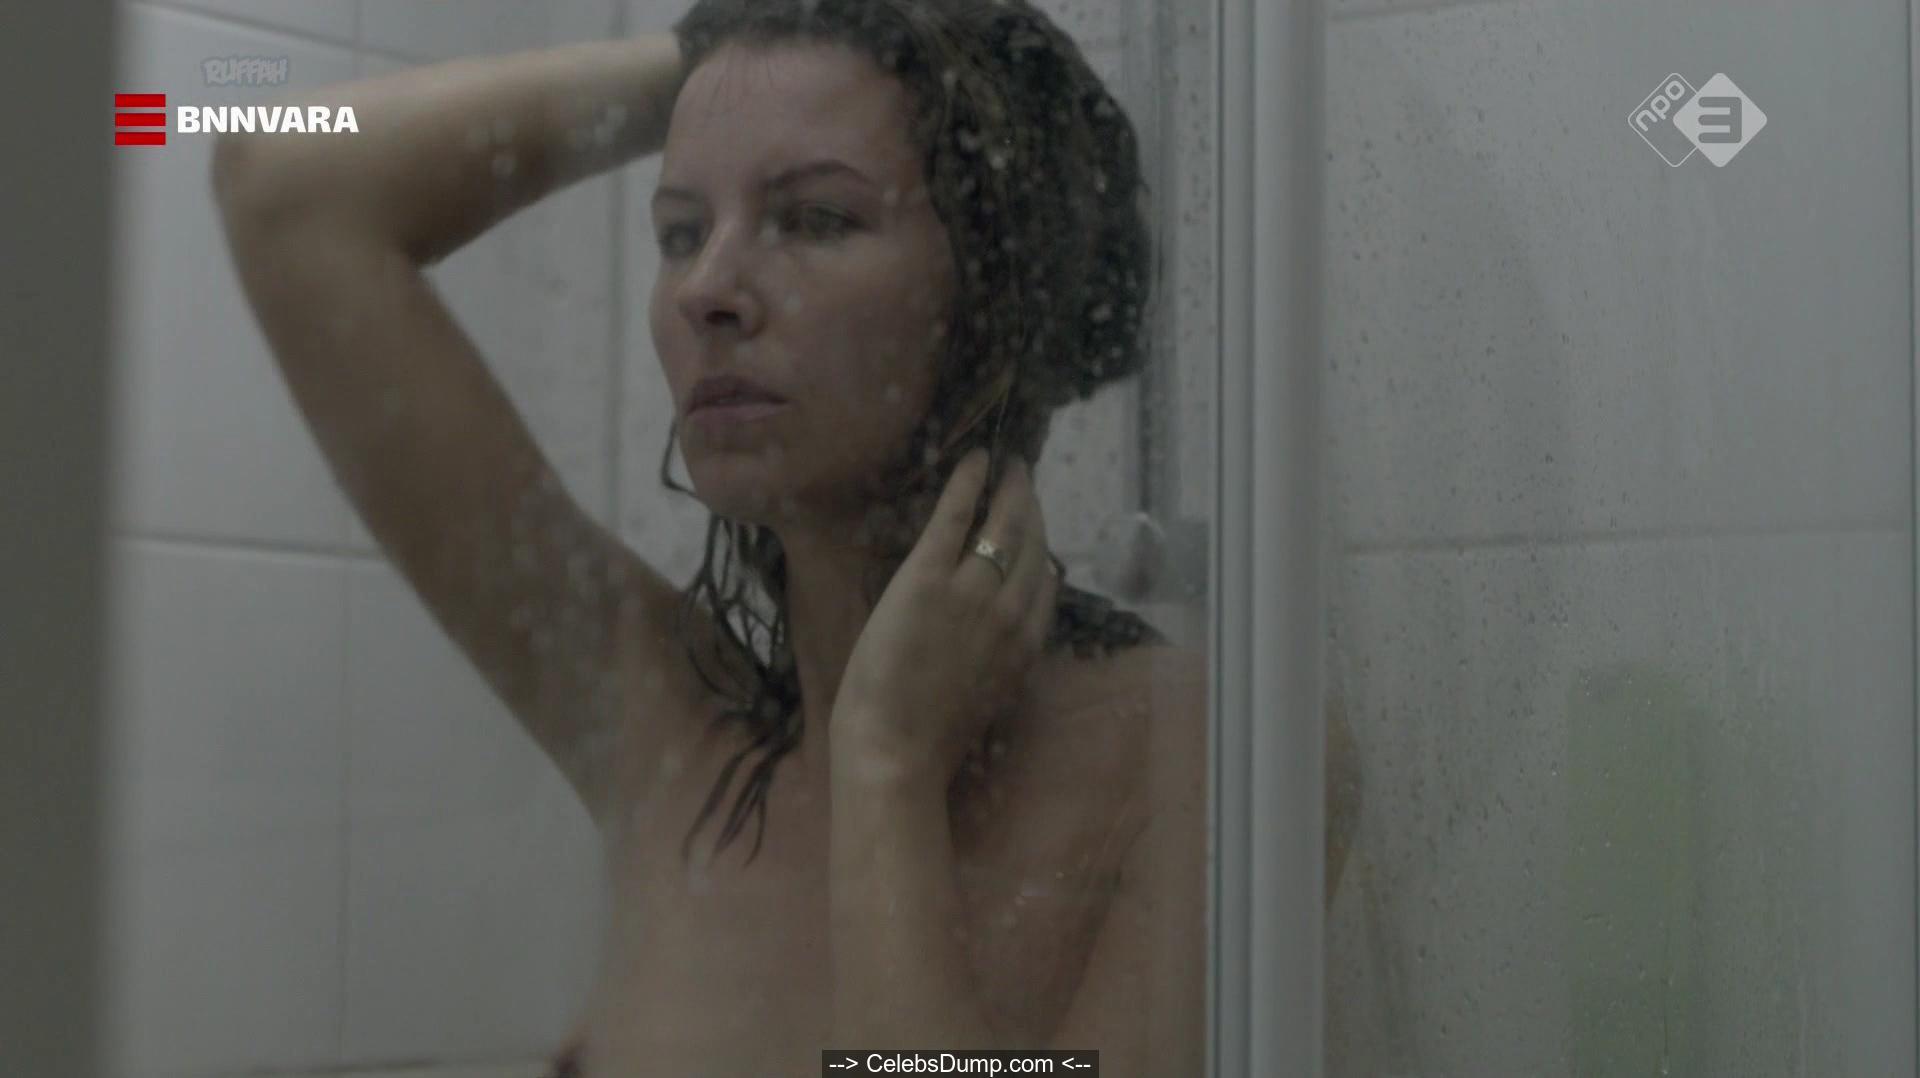 Fick Wm Orakel Weird Lesbian Porn Photoes Sex Porn Images